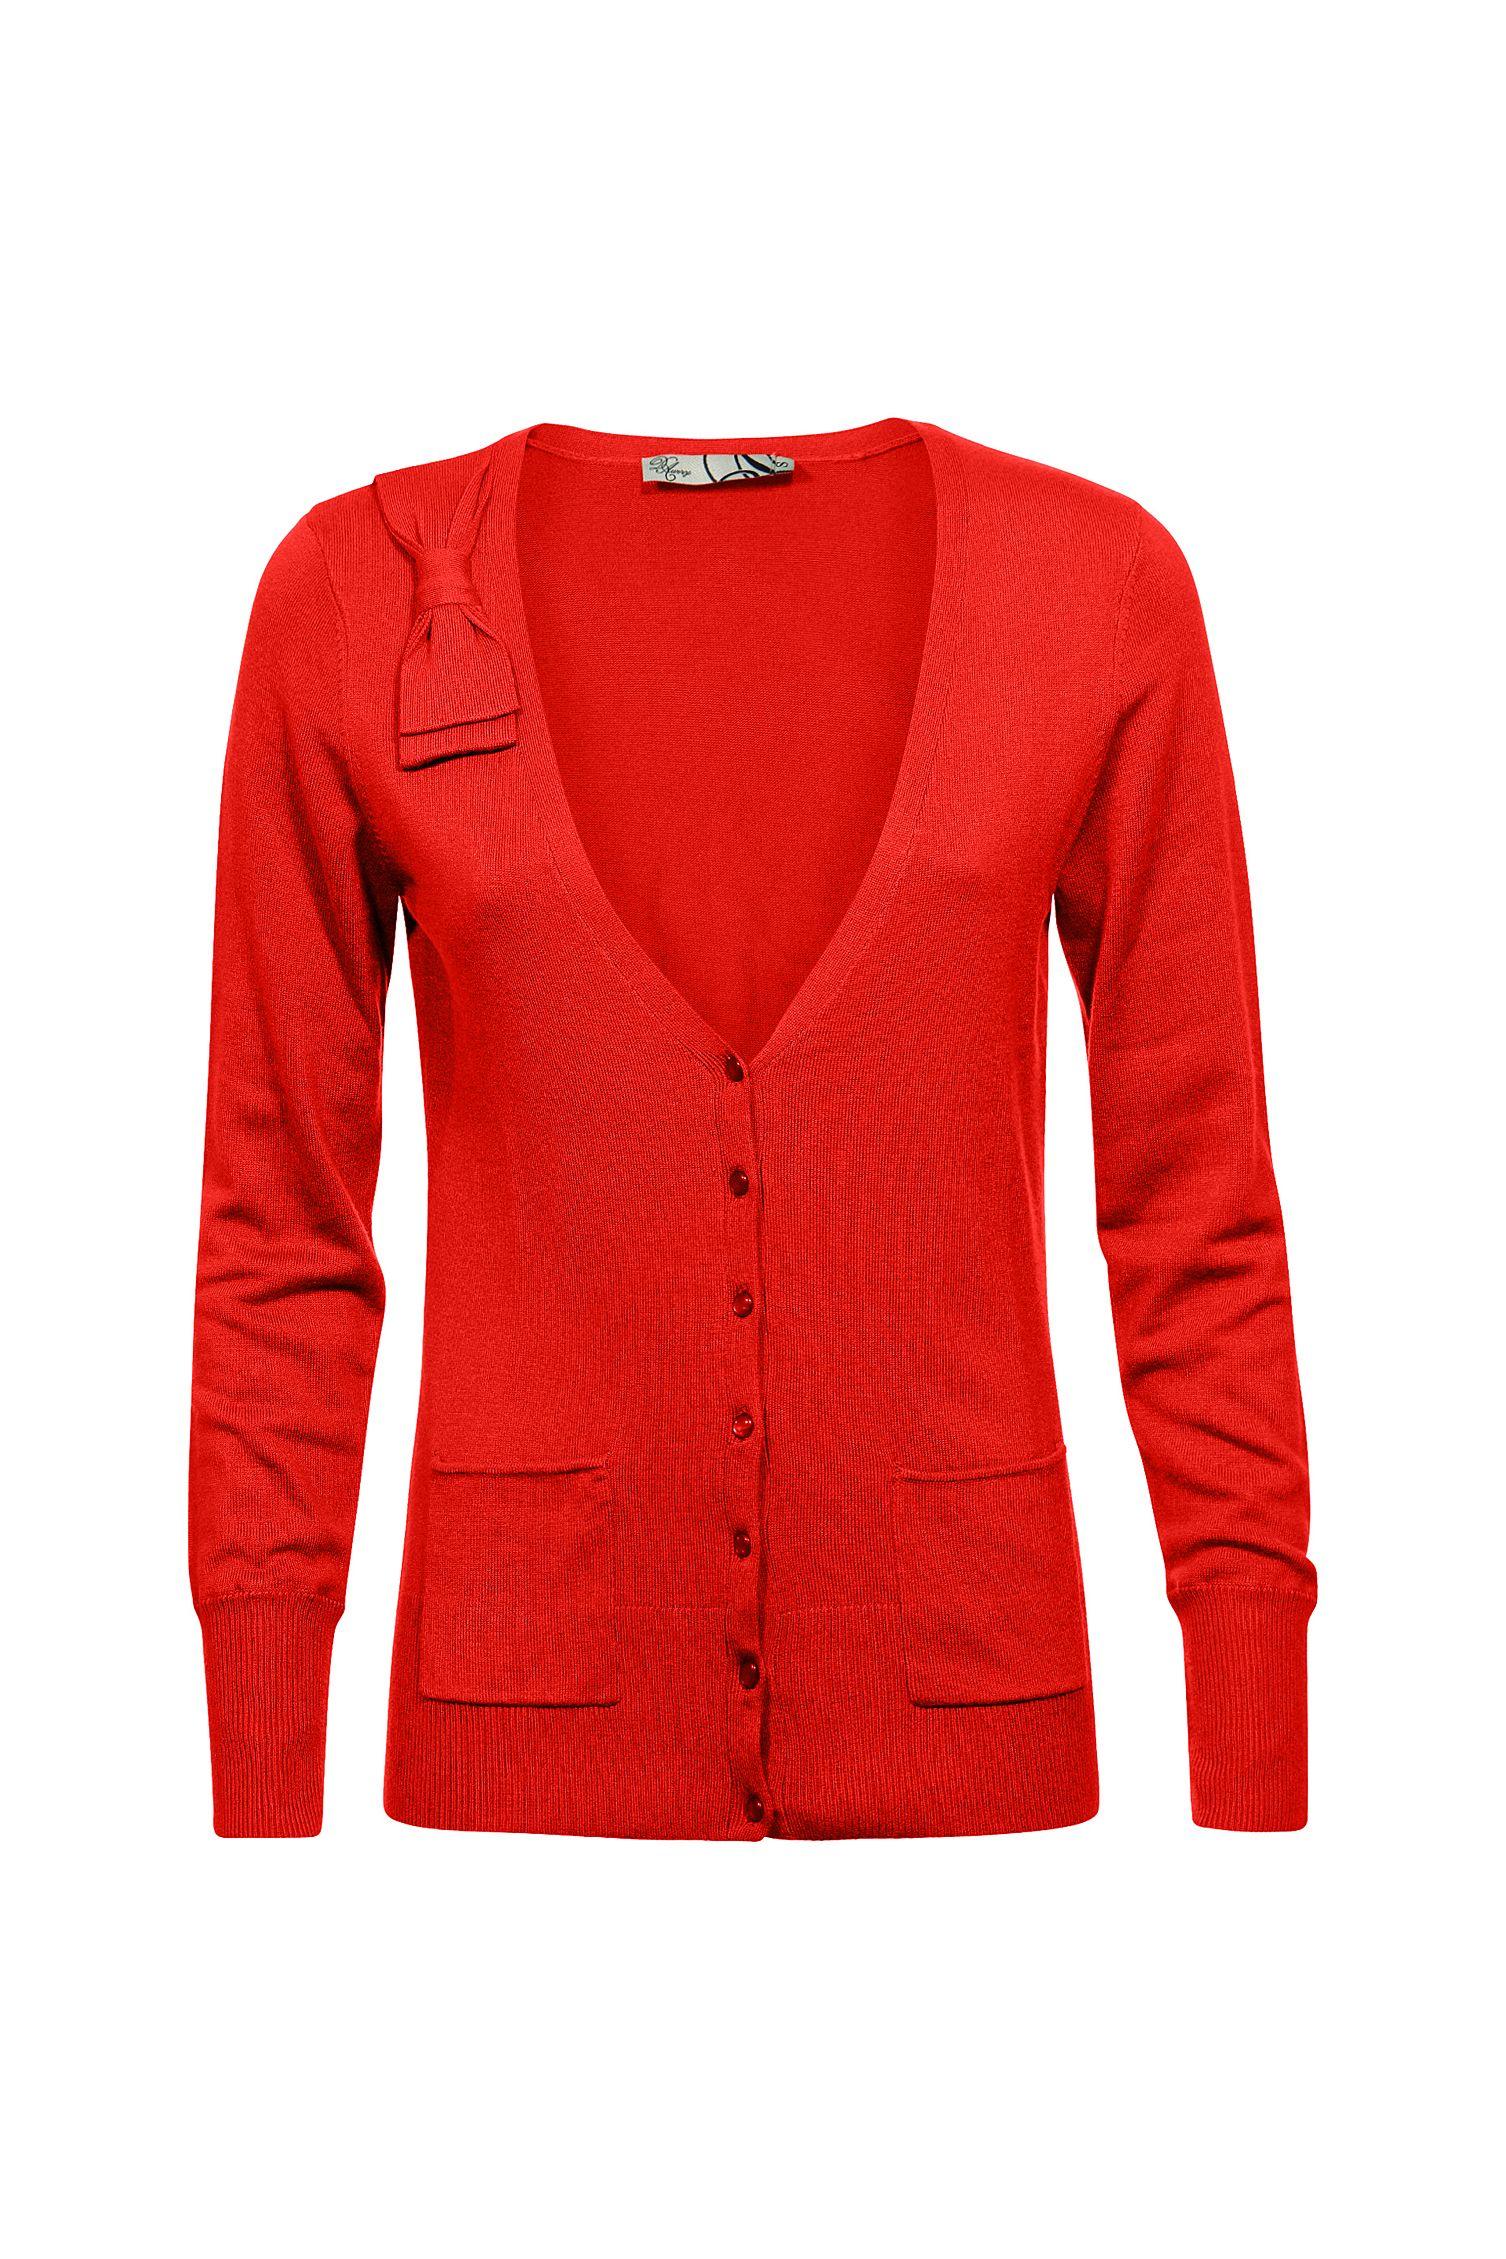 Rode cardigan met strik Caan - Levering in België bij e5 mode